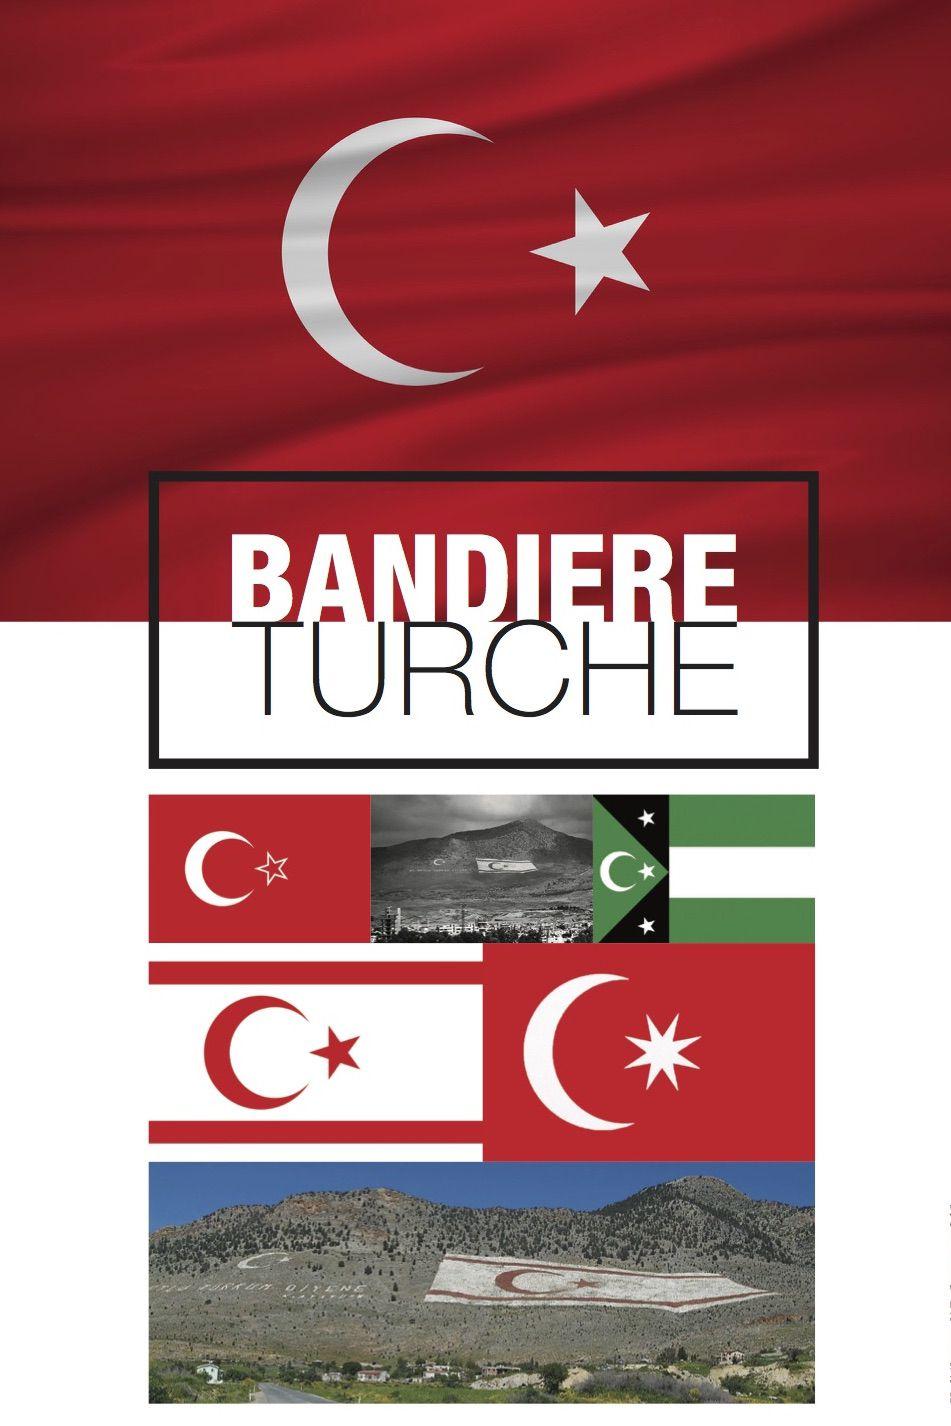 bandiere_turche_cianci_1016